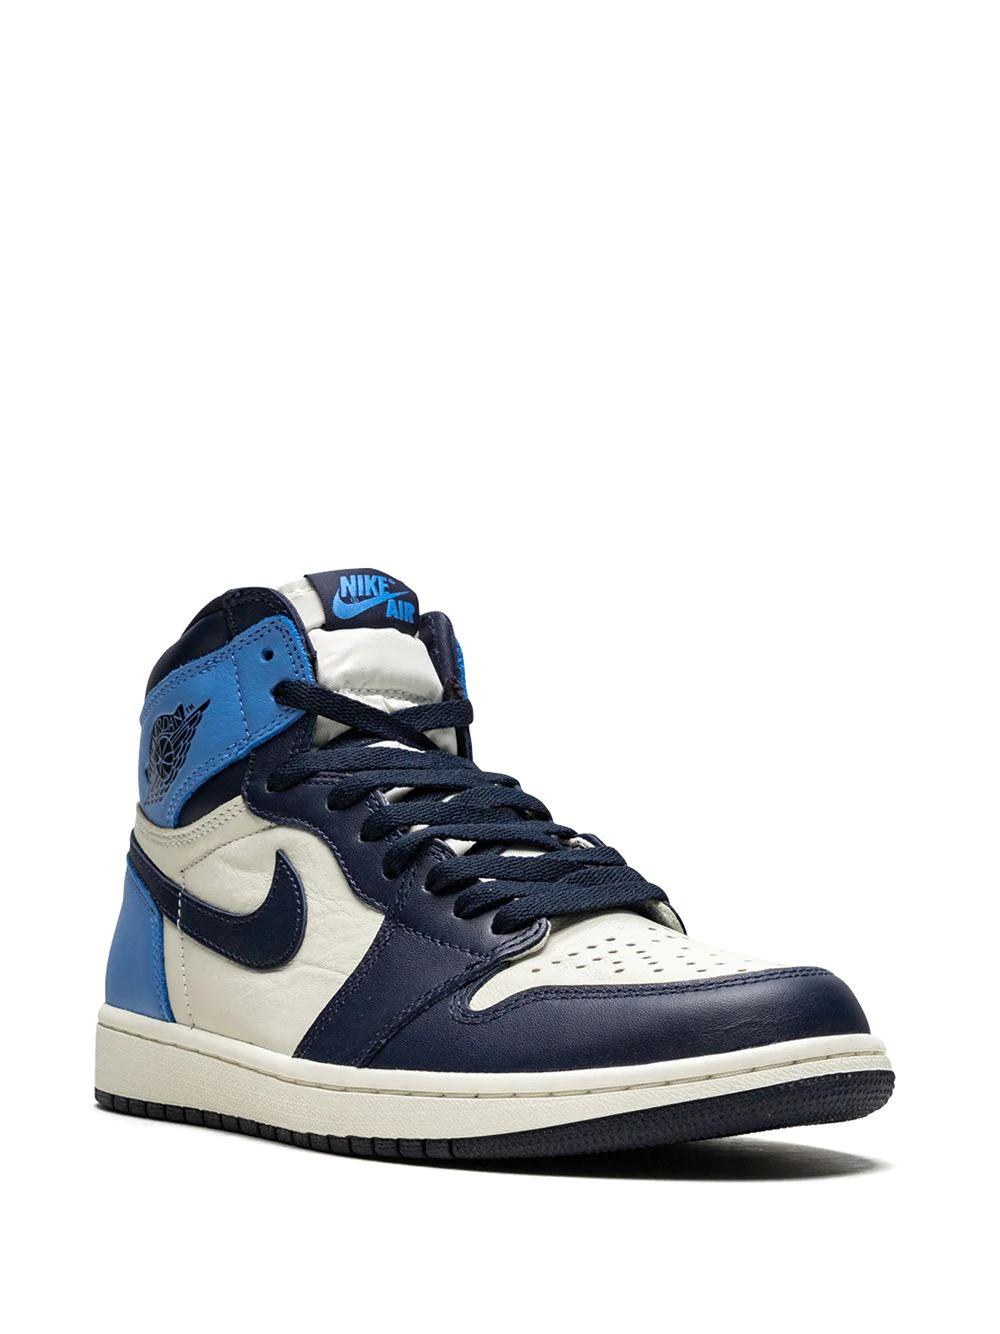 Air Jordan 1 Retro High Og Obsidian University Blue Nike Jordans Jordan Air Jordan 1 Retro High Og Obsidian University Blue Farfetch In 2020 Air Jordans Jordan 1 Retro High Jordan 1